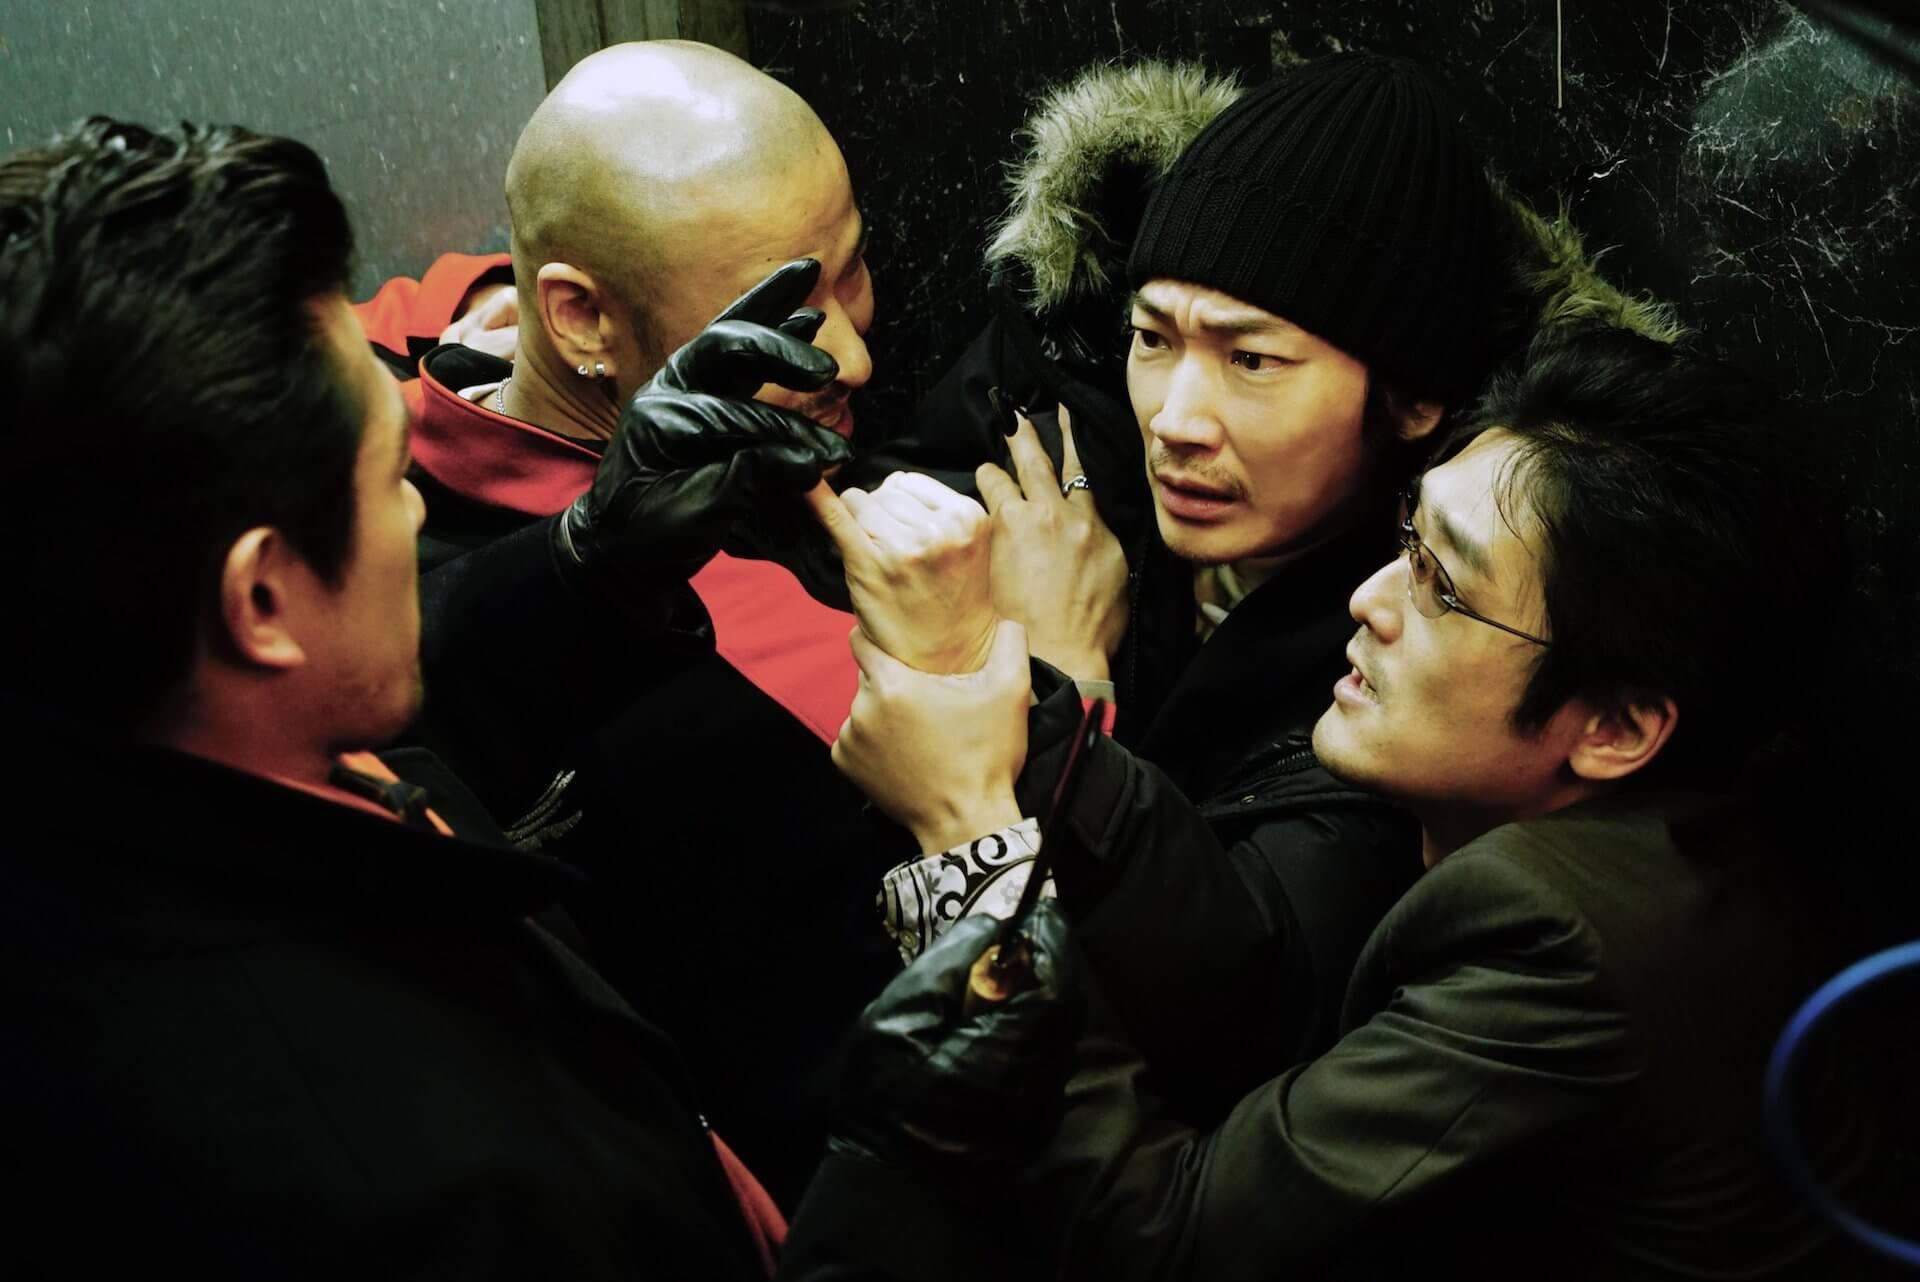 綾野剛主演の実写映画『ホムンクルス』の場面写真20点が一挙解禁!成田凌、岸井ゆきのら超豪華キャストも話題 film210118_homunclus_14